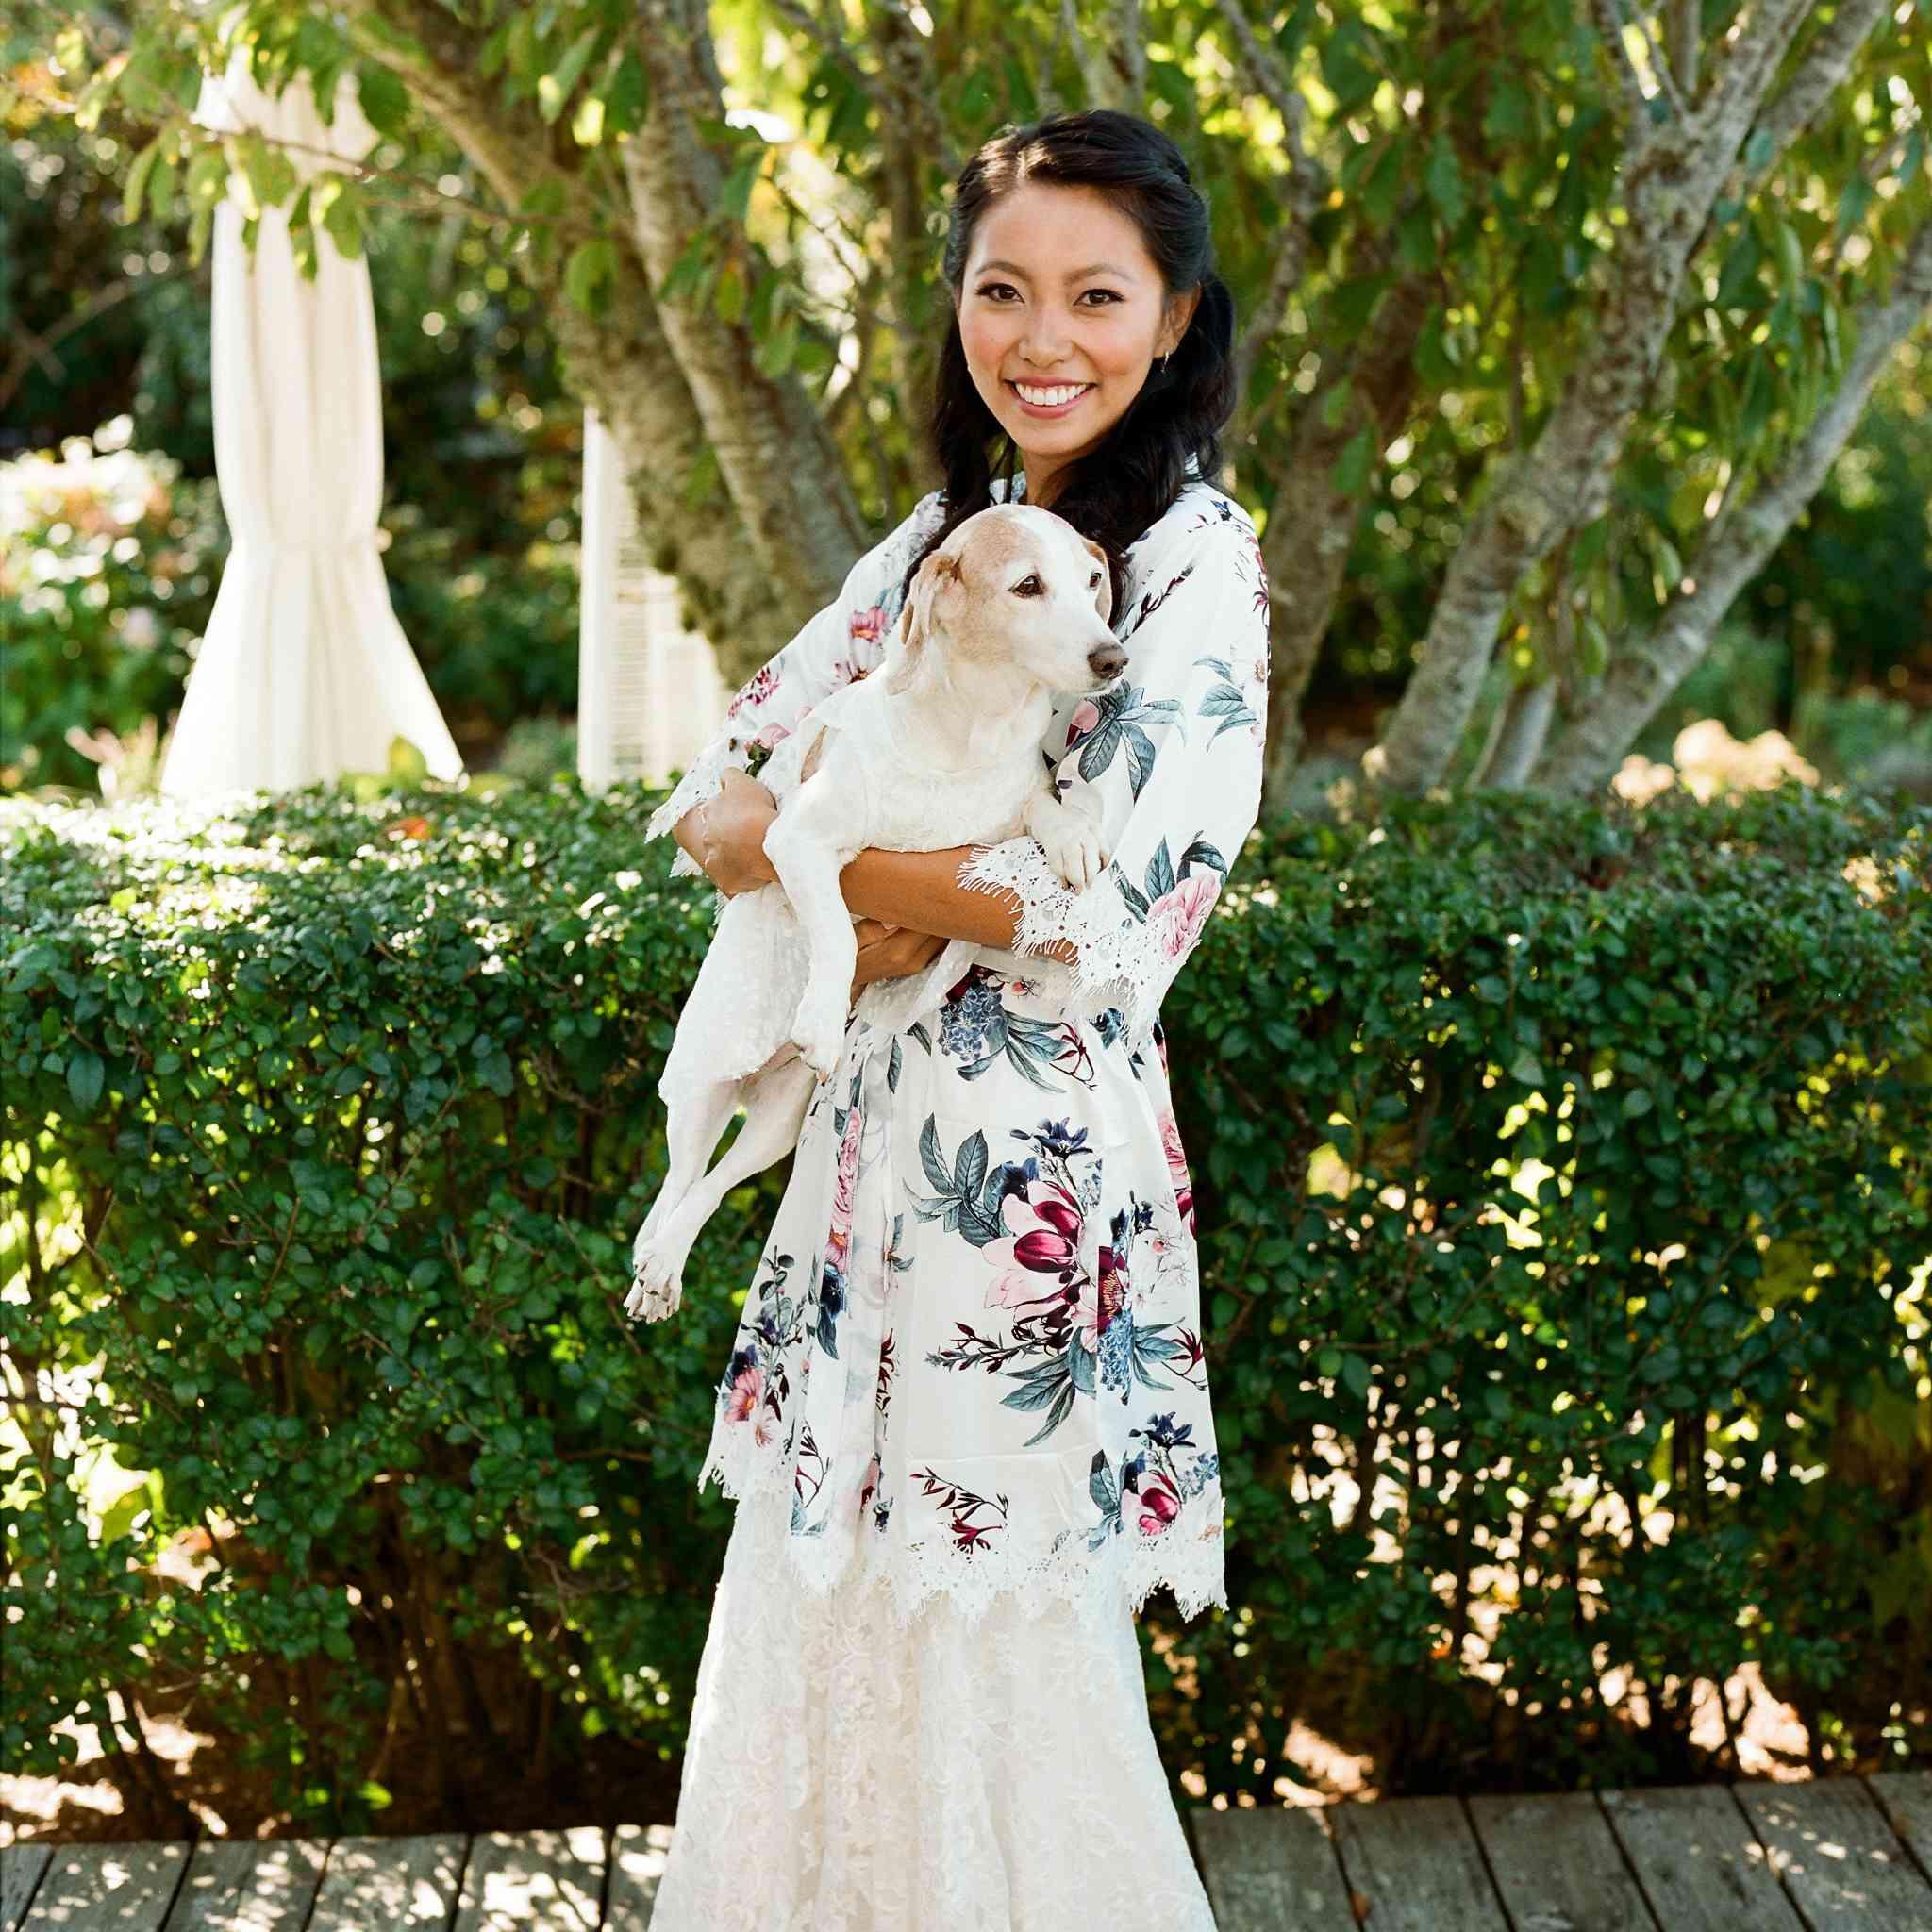 <p>bride with dog</p><br><br>